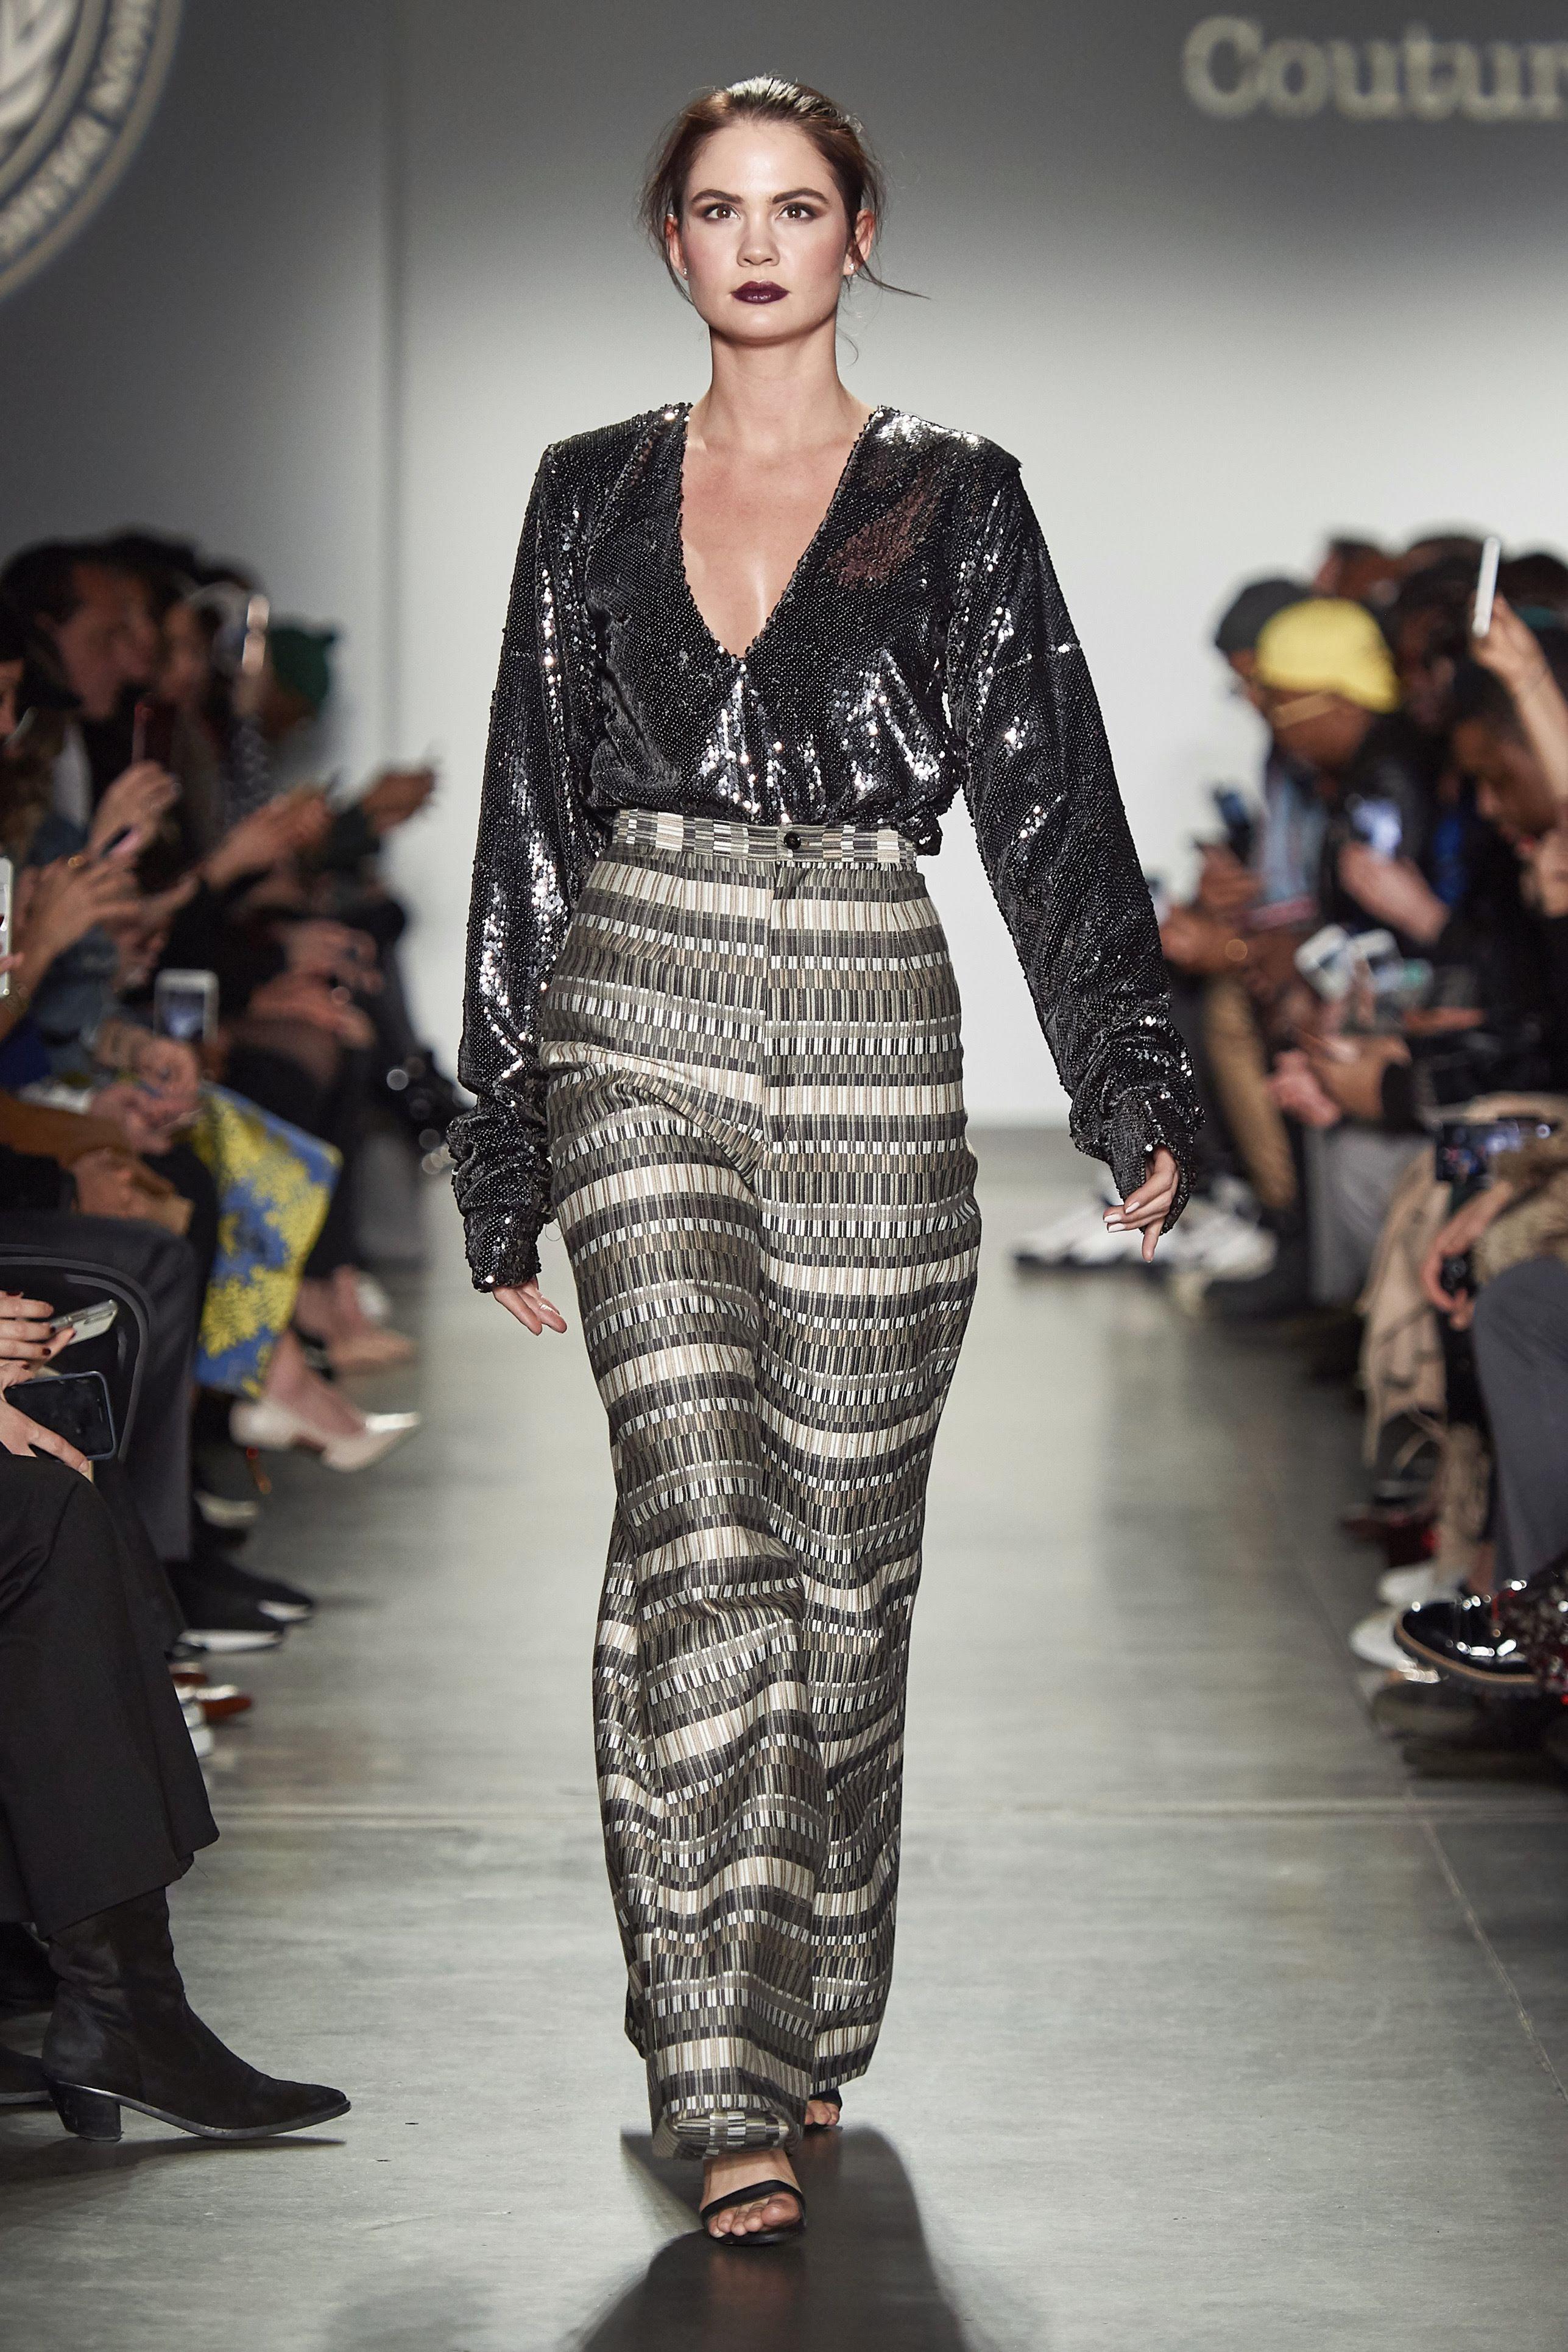 CAAFD at New York Fashion Week